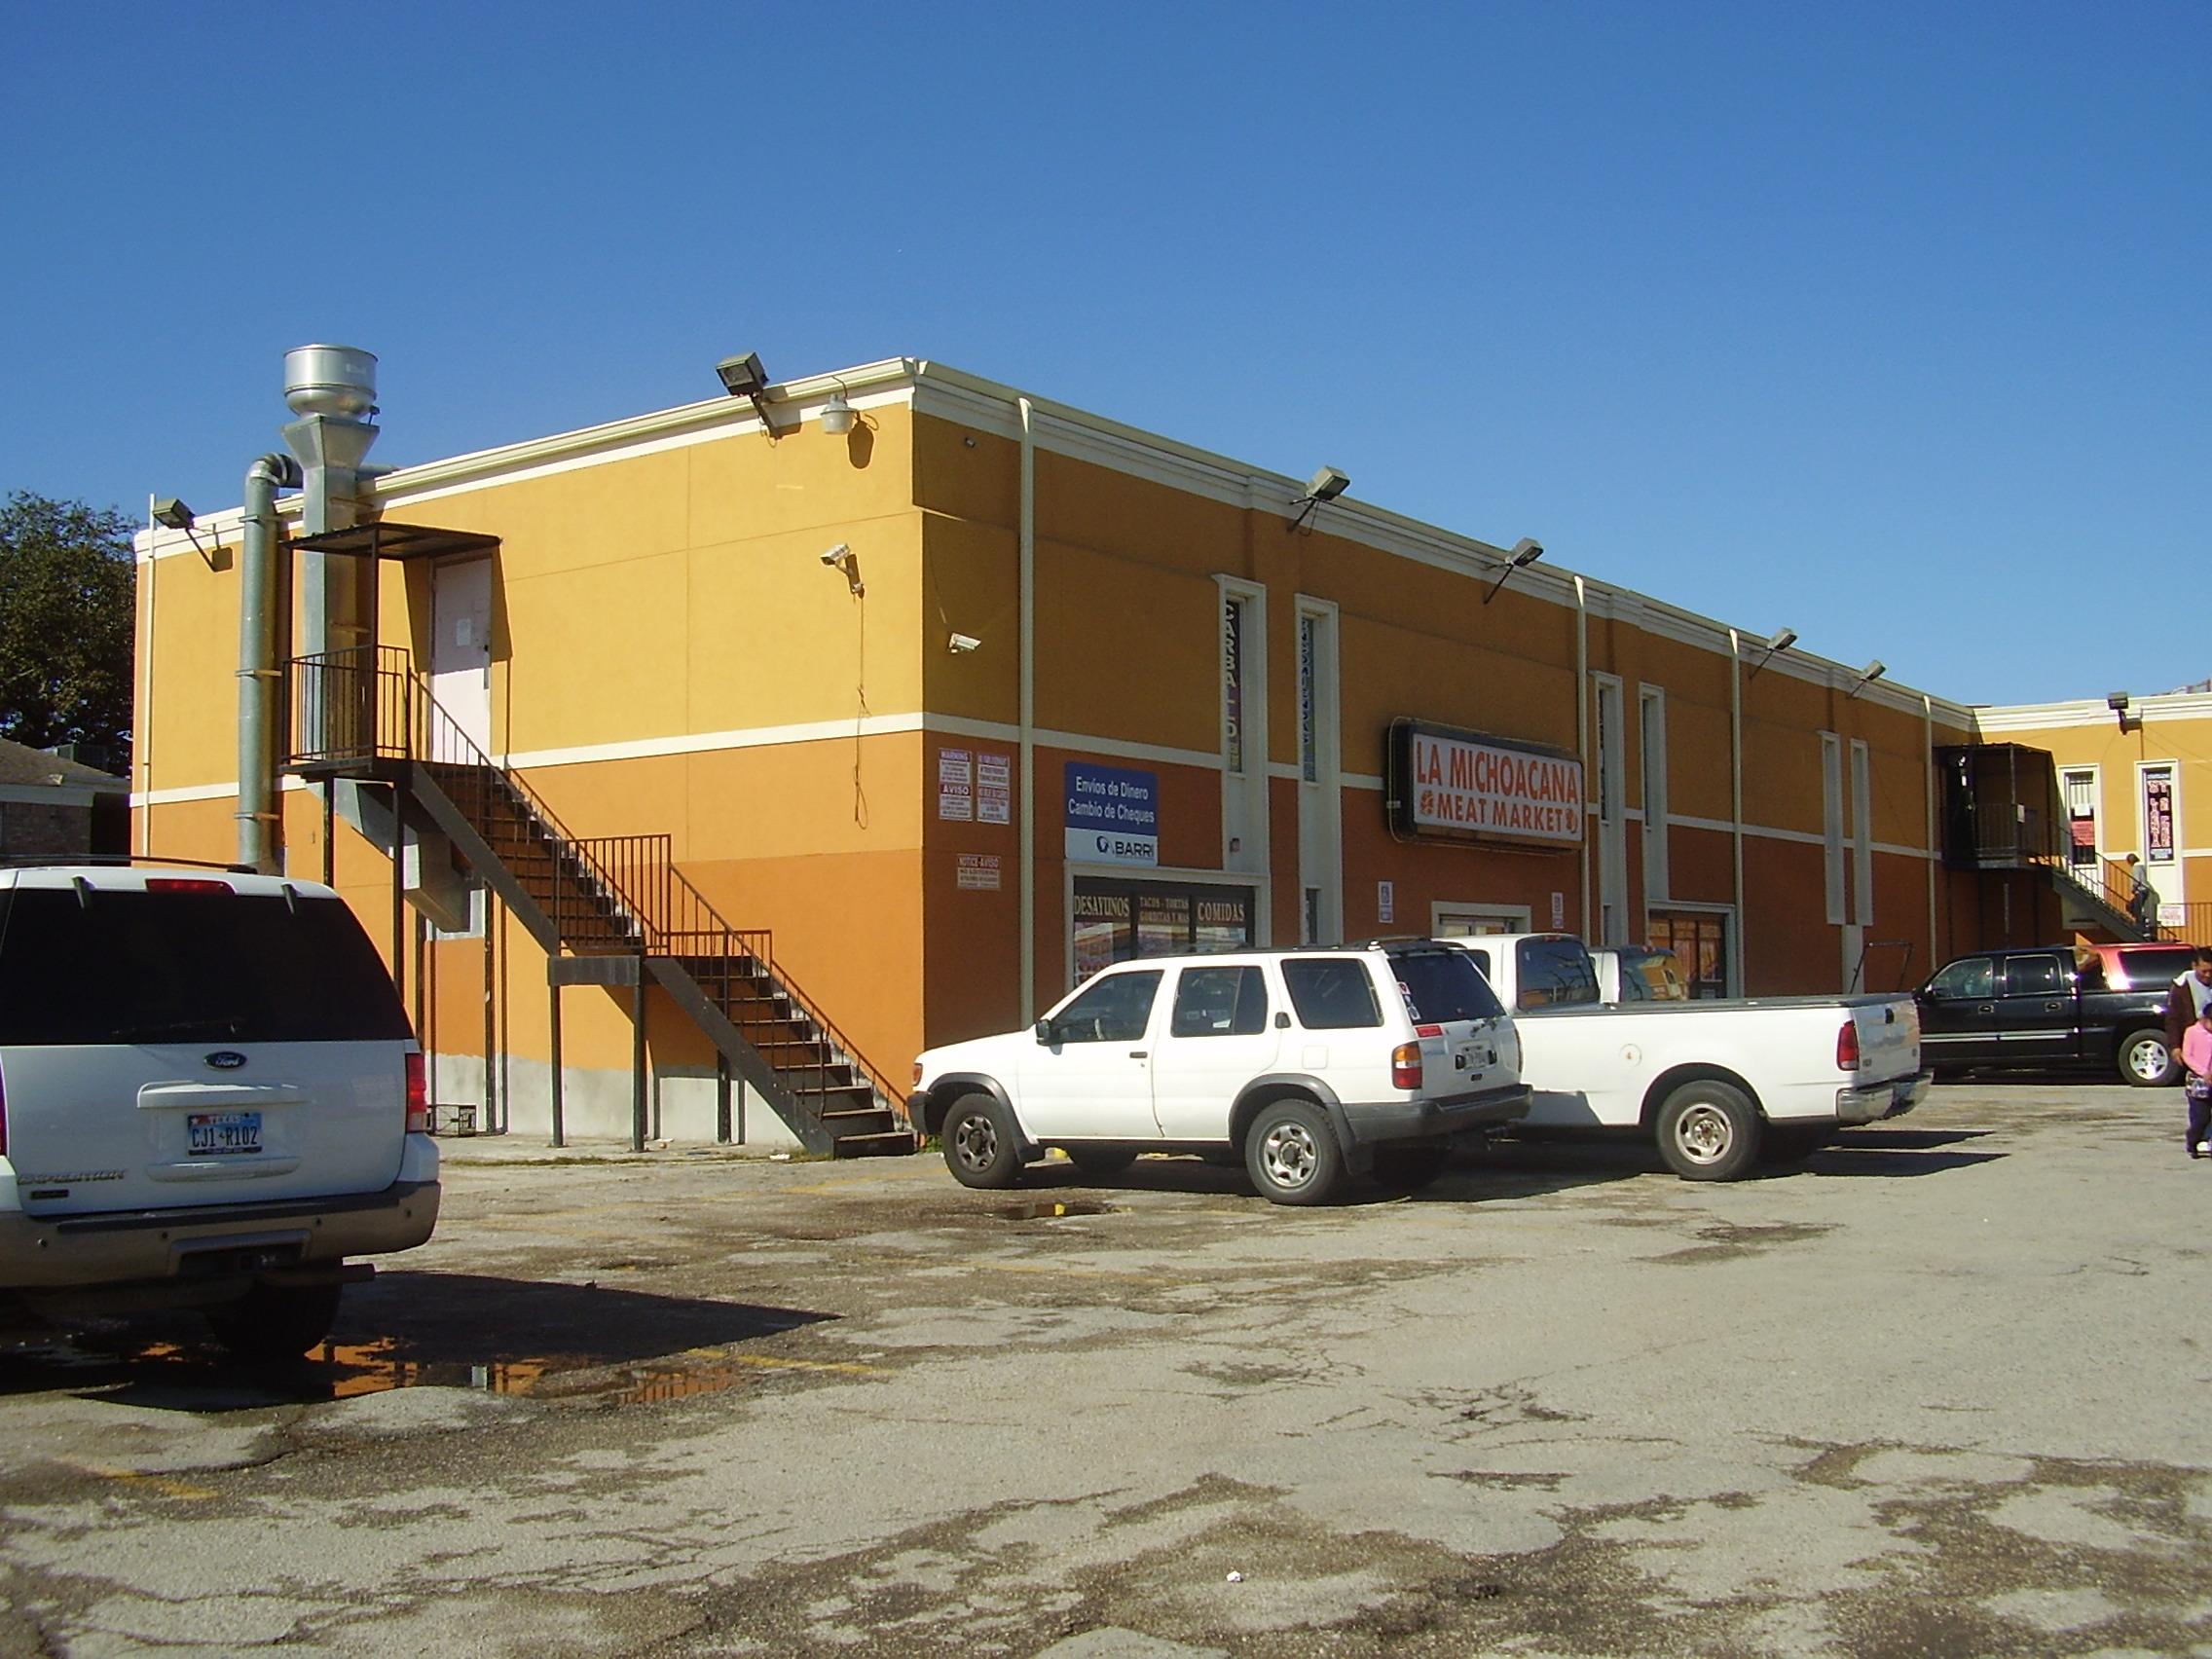 La Michoacana Meat Market Wikipedia